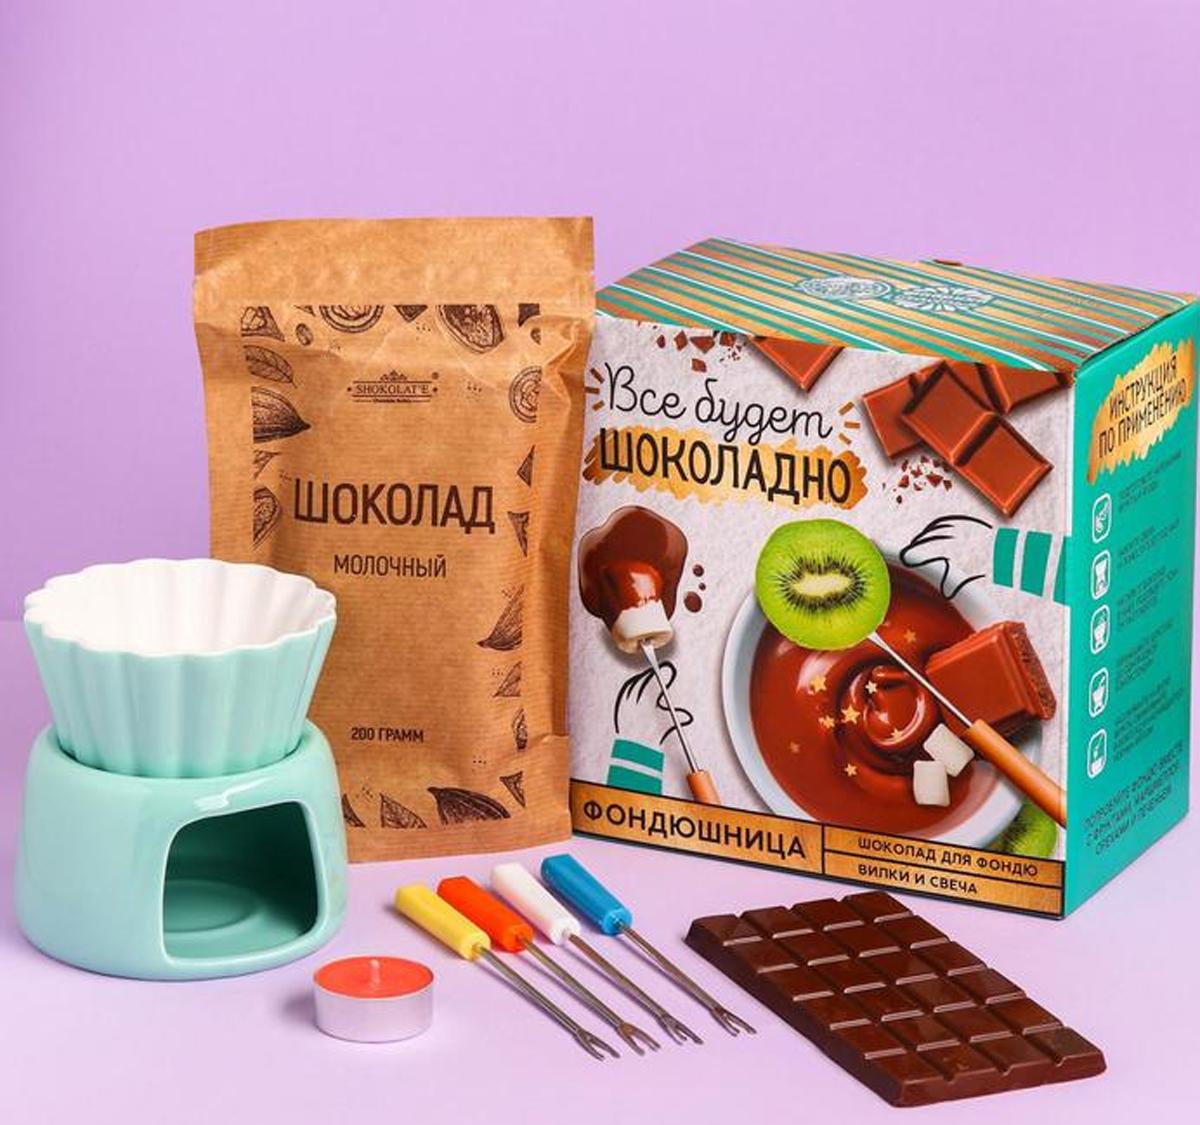 Набор для приготовления фондю «Все будет шоколадно»